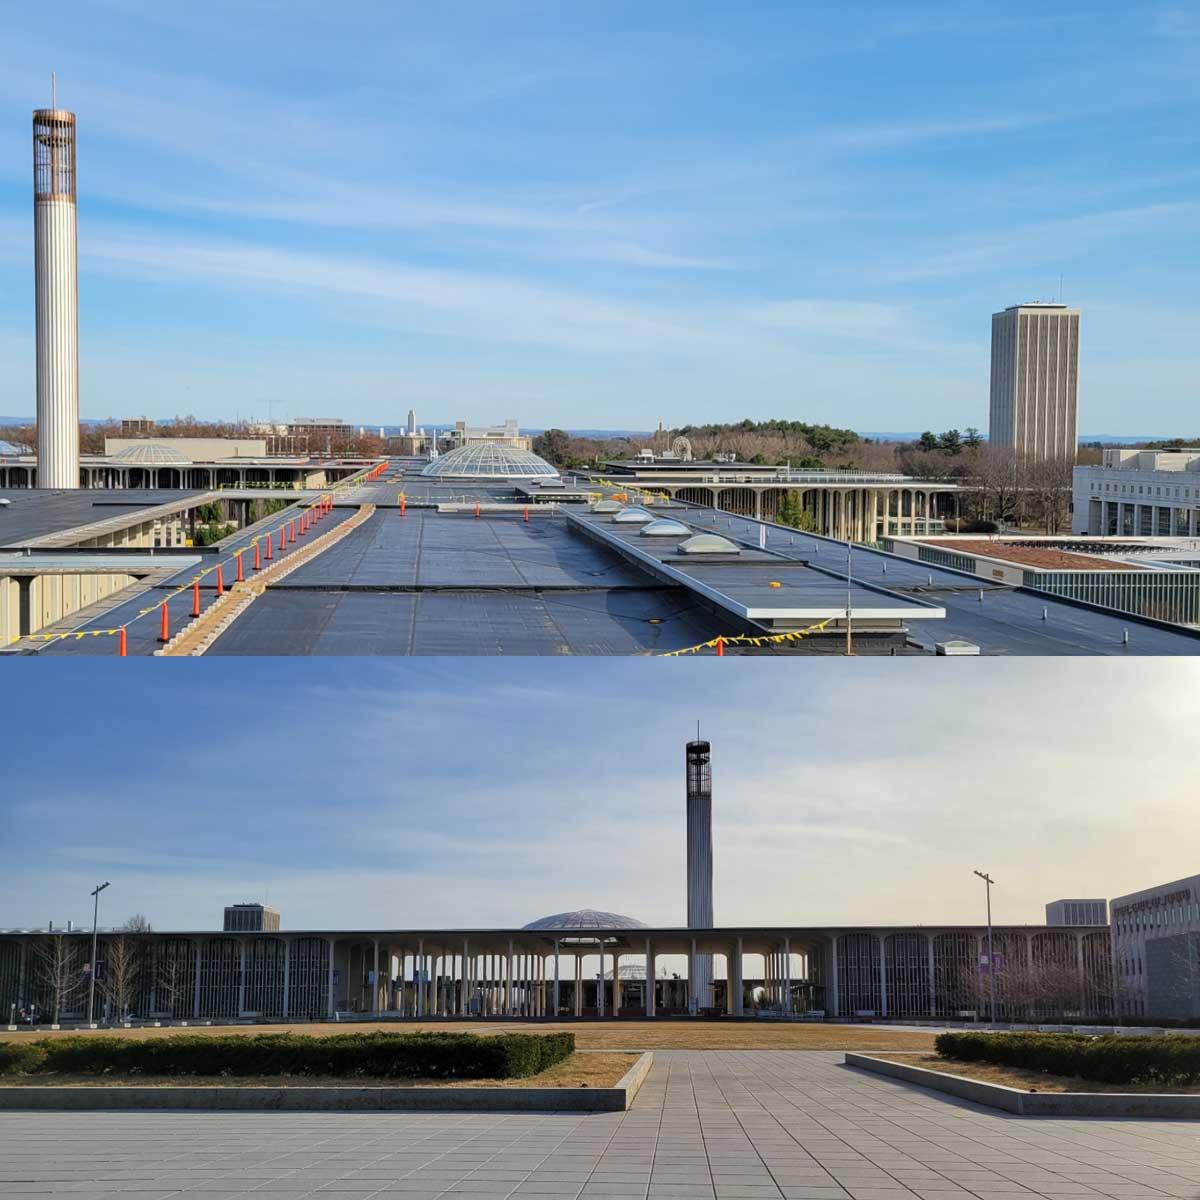 split view of buildings